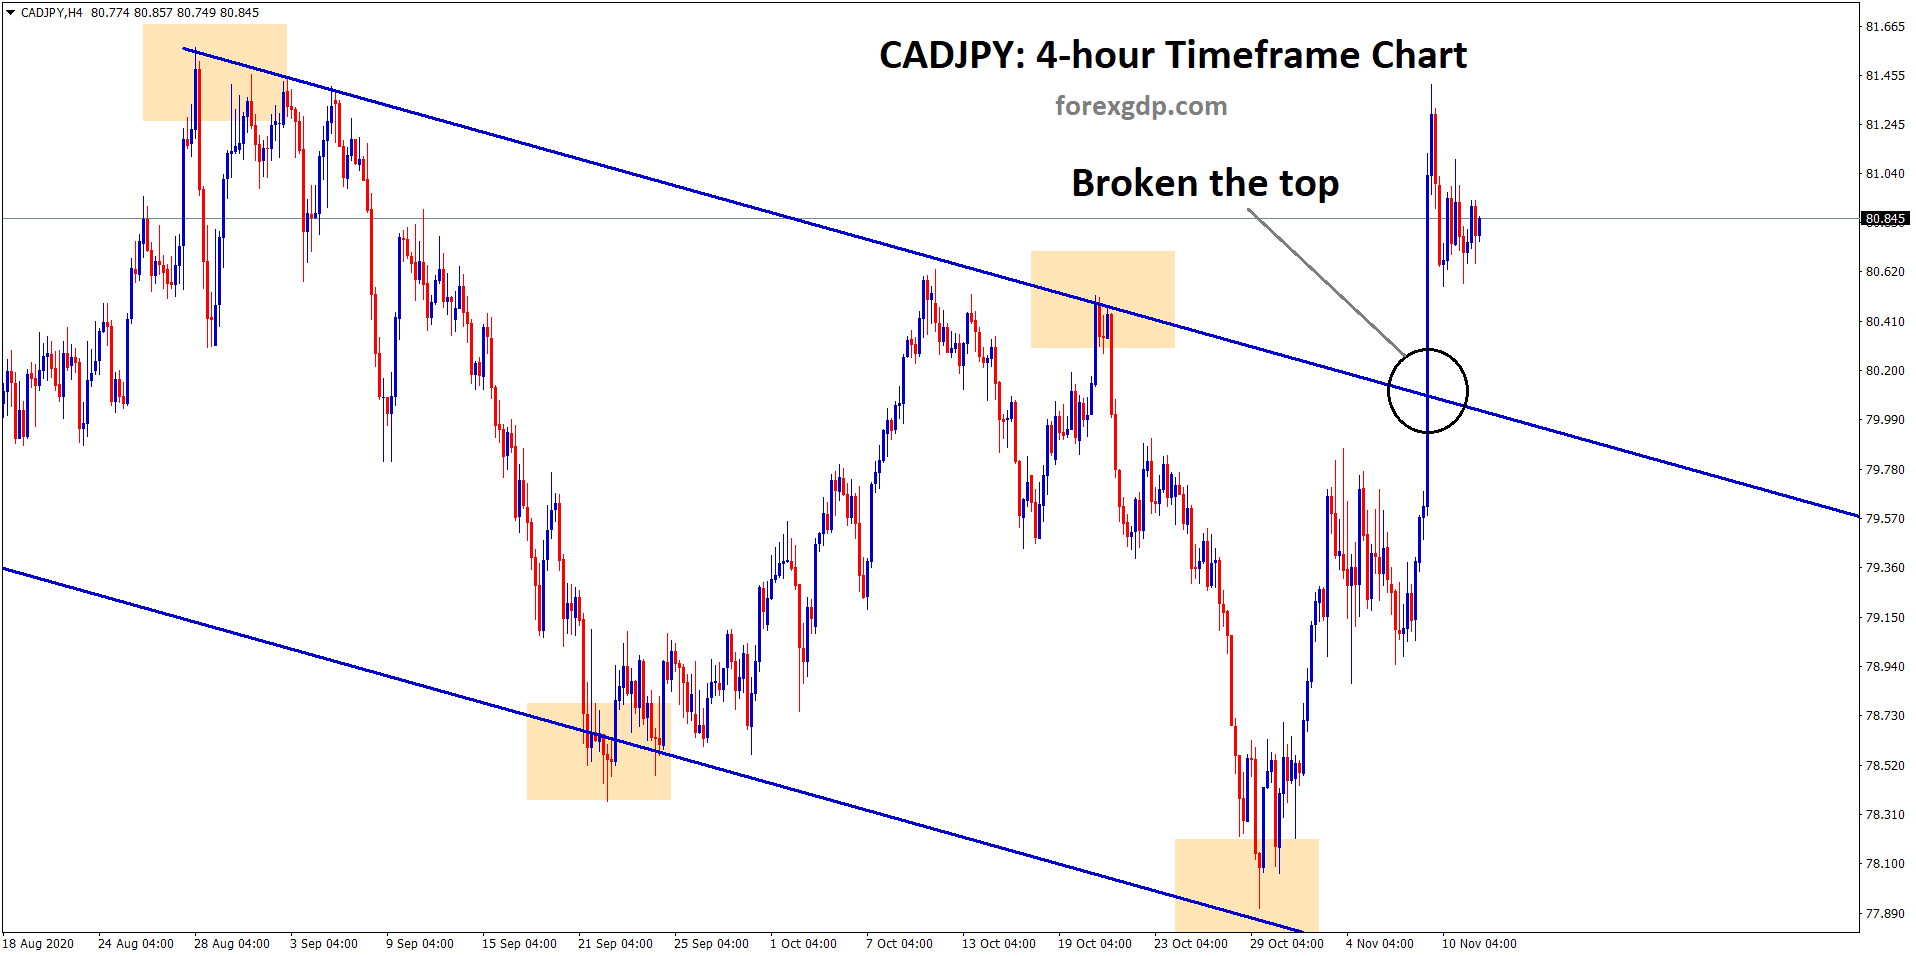 cadjpy has broken the top of the descending channel